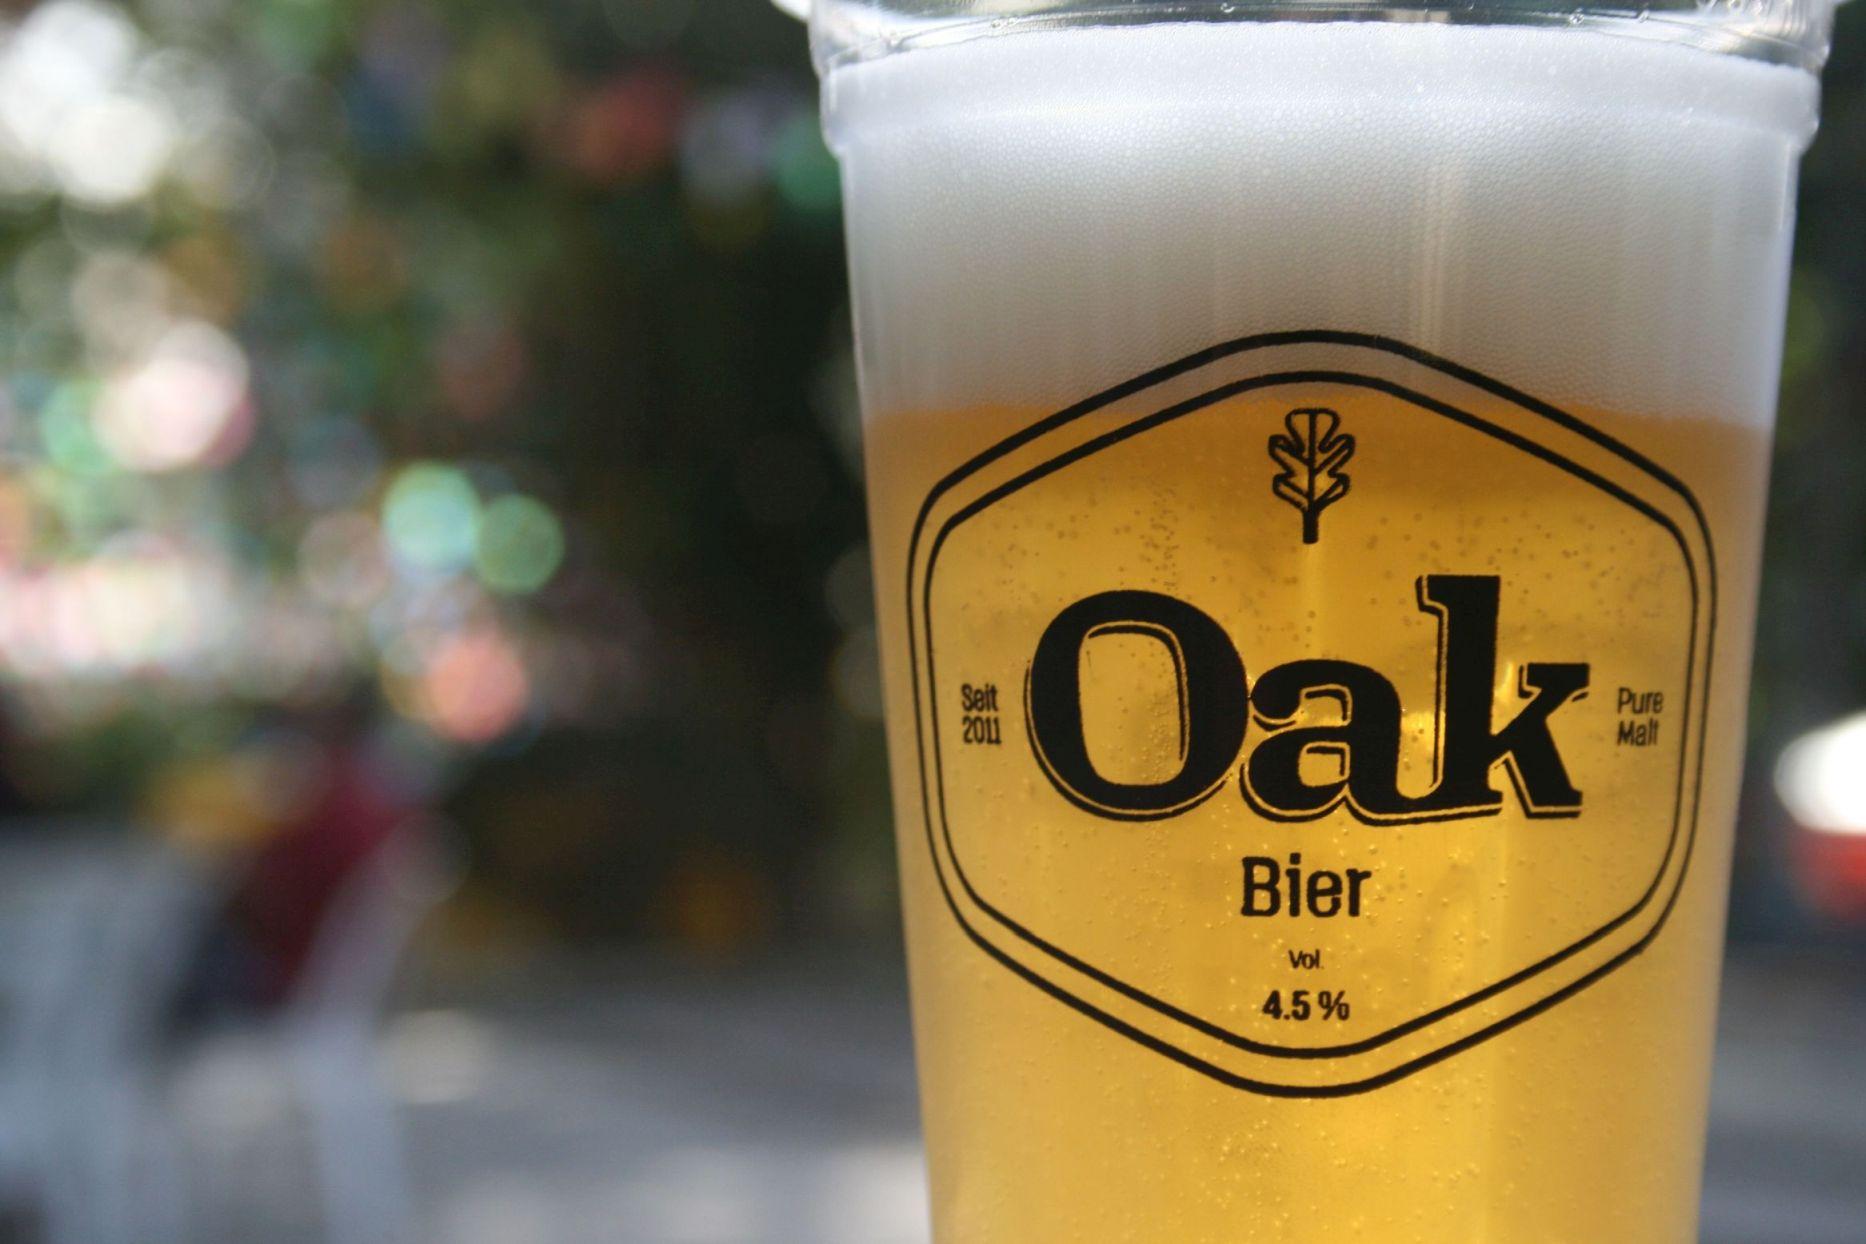 Mais de duas dezenas de cervejaria vão oferecer mais de 40 tipos de cerveja e chope, a até R$ 10 o copo da bebida (Foto: Divulgação)